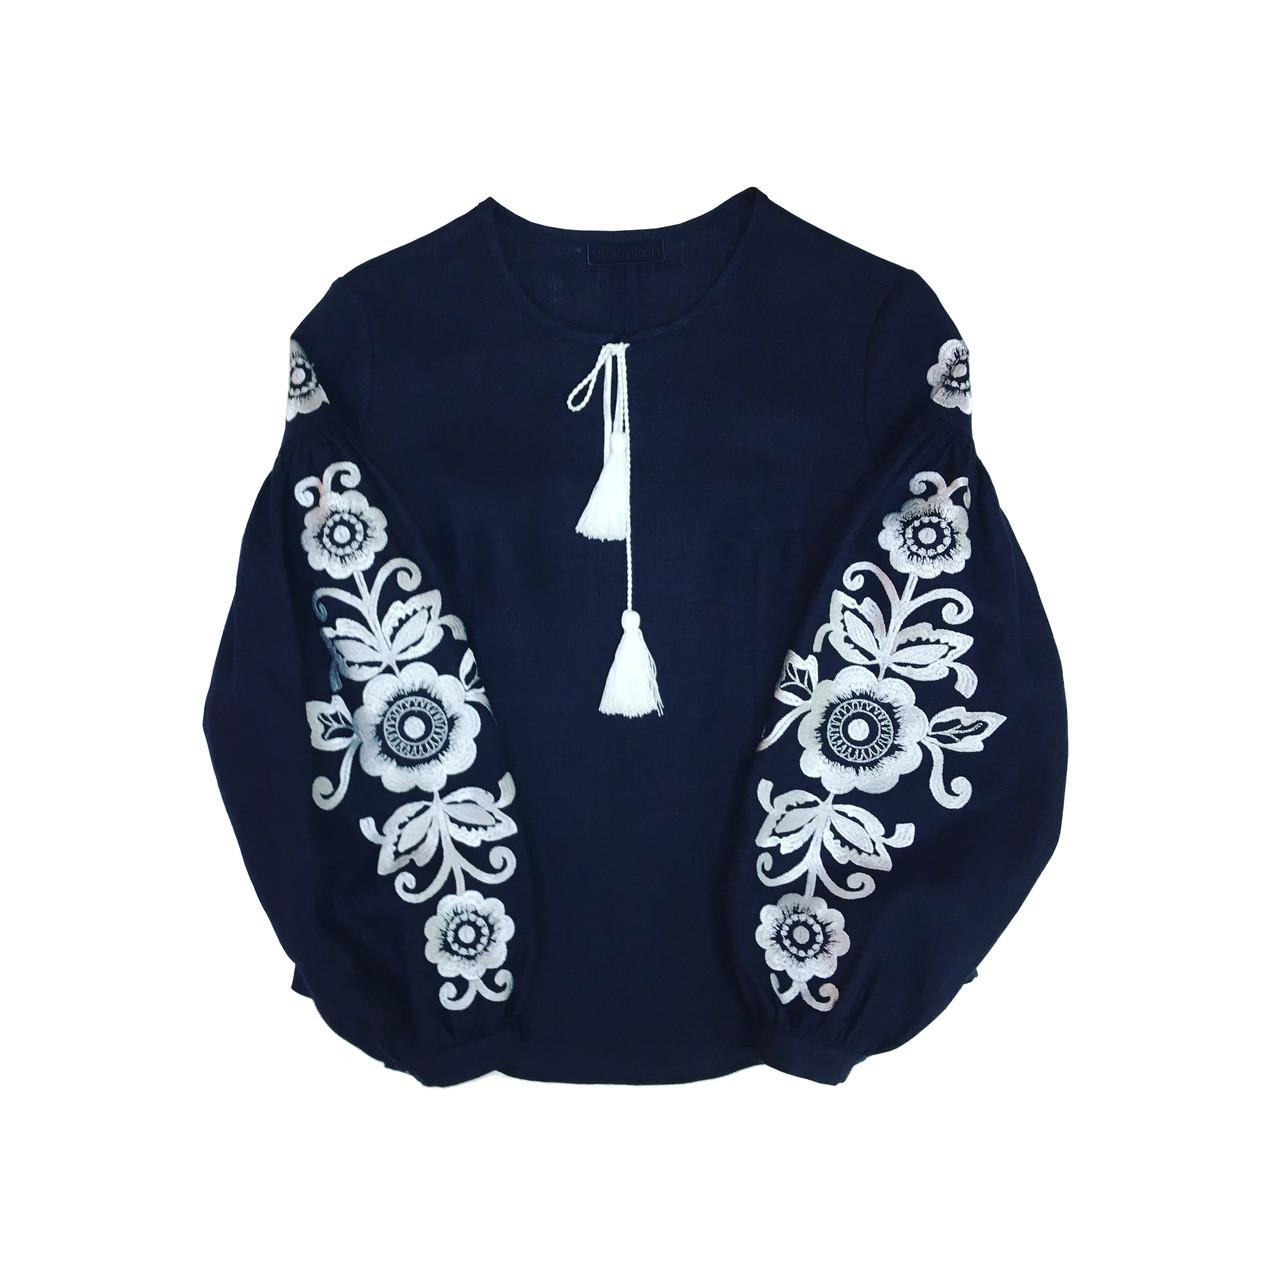 Вишиванка темно-синій льон вишивка етно-квітка біла  продажа 9639e1ef27f36